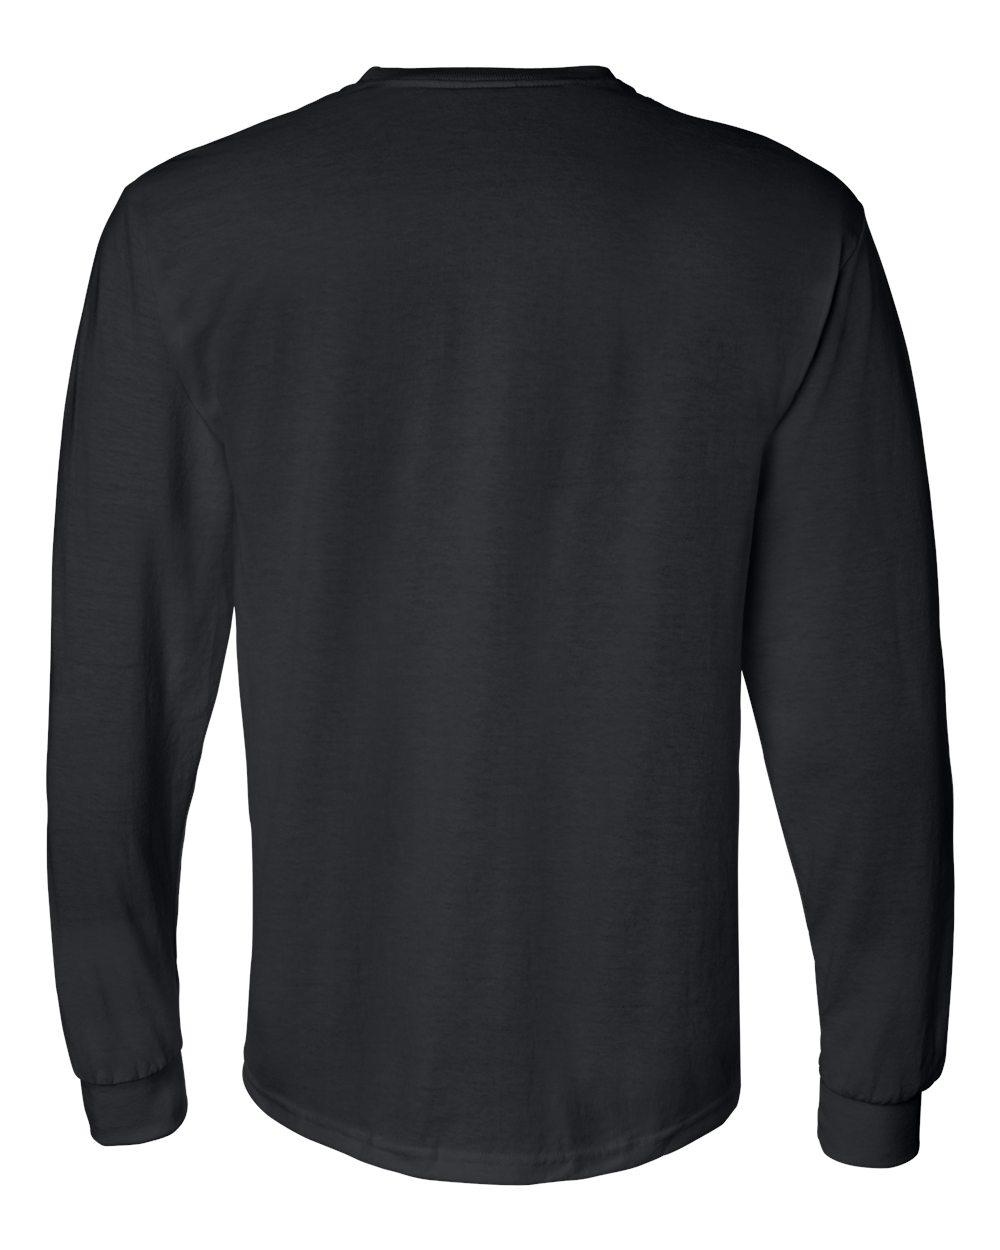 Gildan-Mens-Blank-DryBlend-50-50-Cotton-Long-Sleeve-T-Shirt-8400-up-to-3XL miniature 10